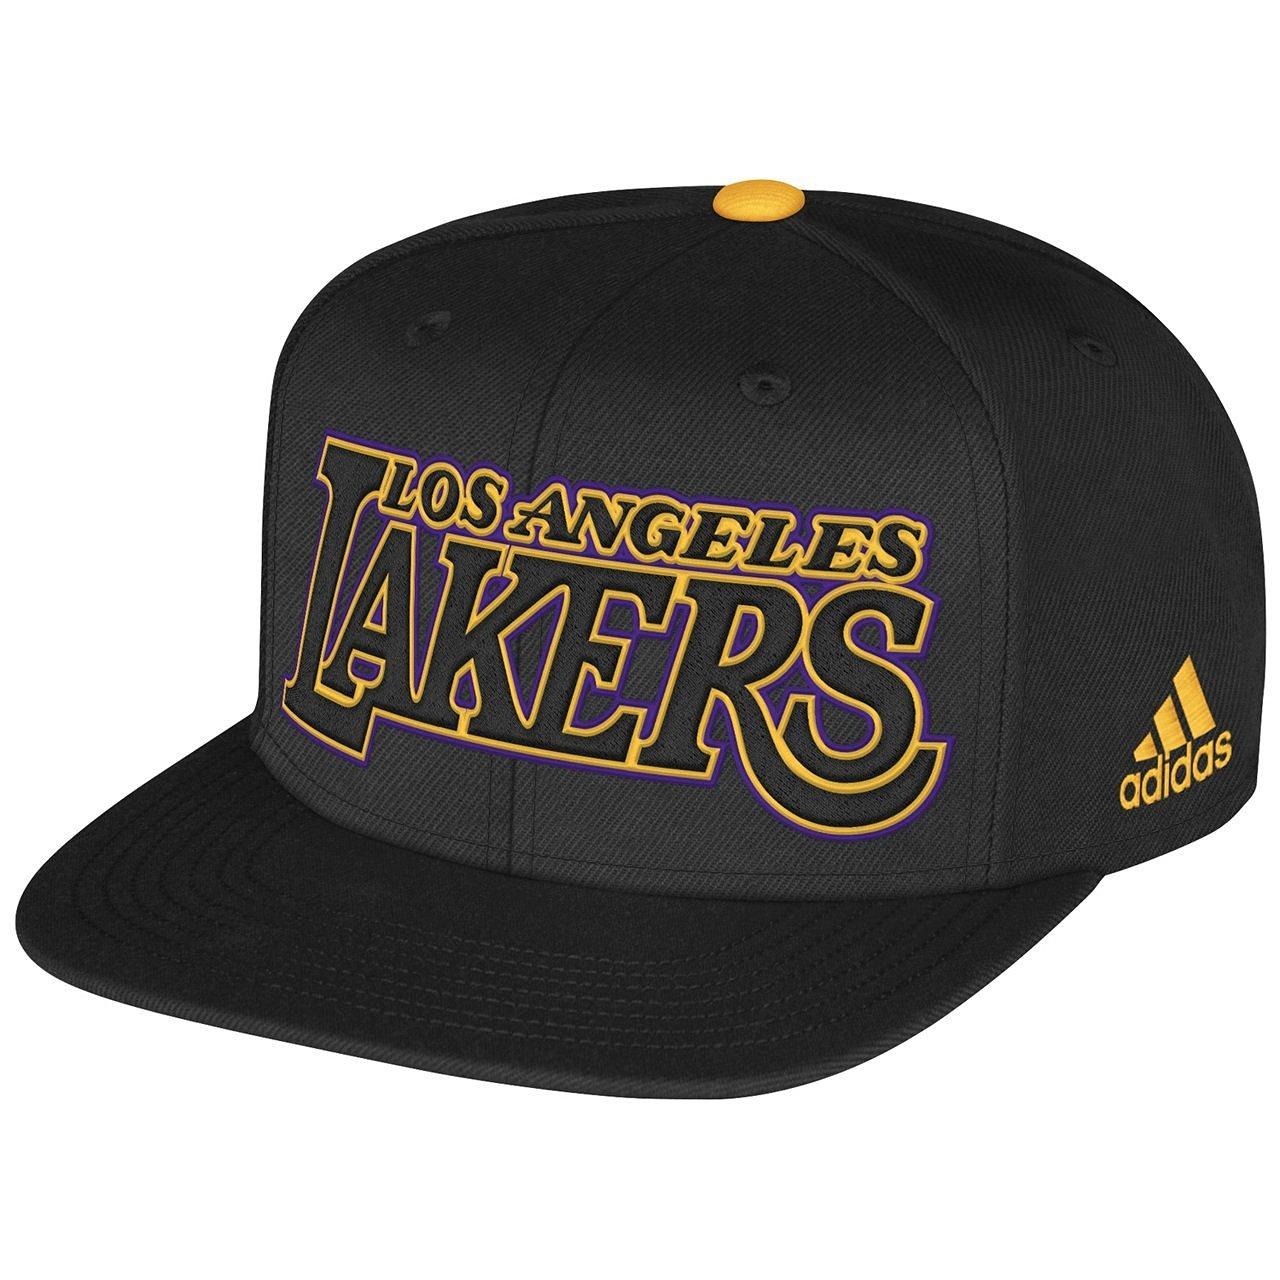 Los Angeles Lakers Adult 2013 NBA Draft Adjustable Snapback Hat - Black